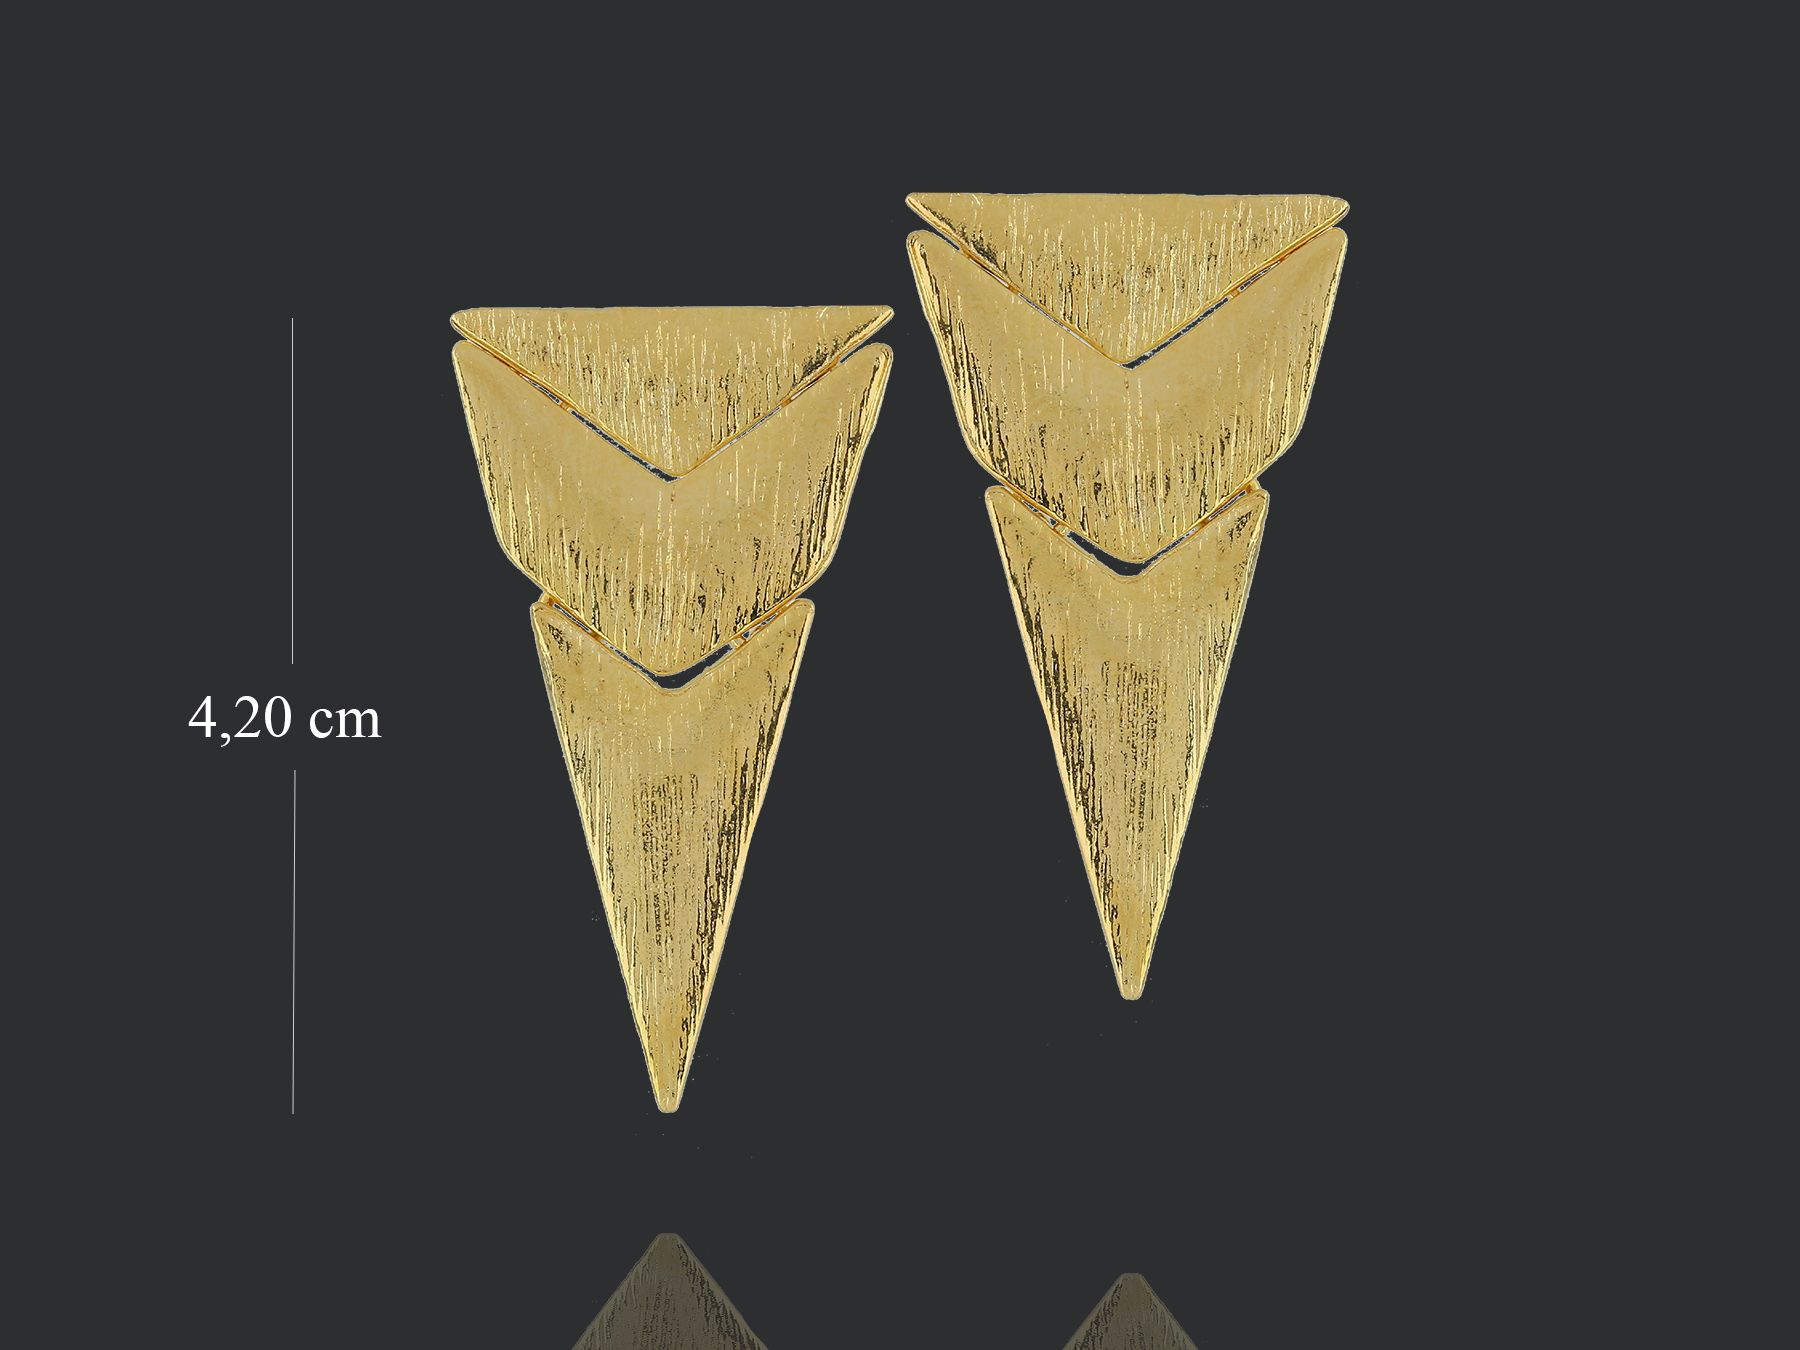 brinco 6444 piramidal escovado na Móveis pra Você